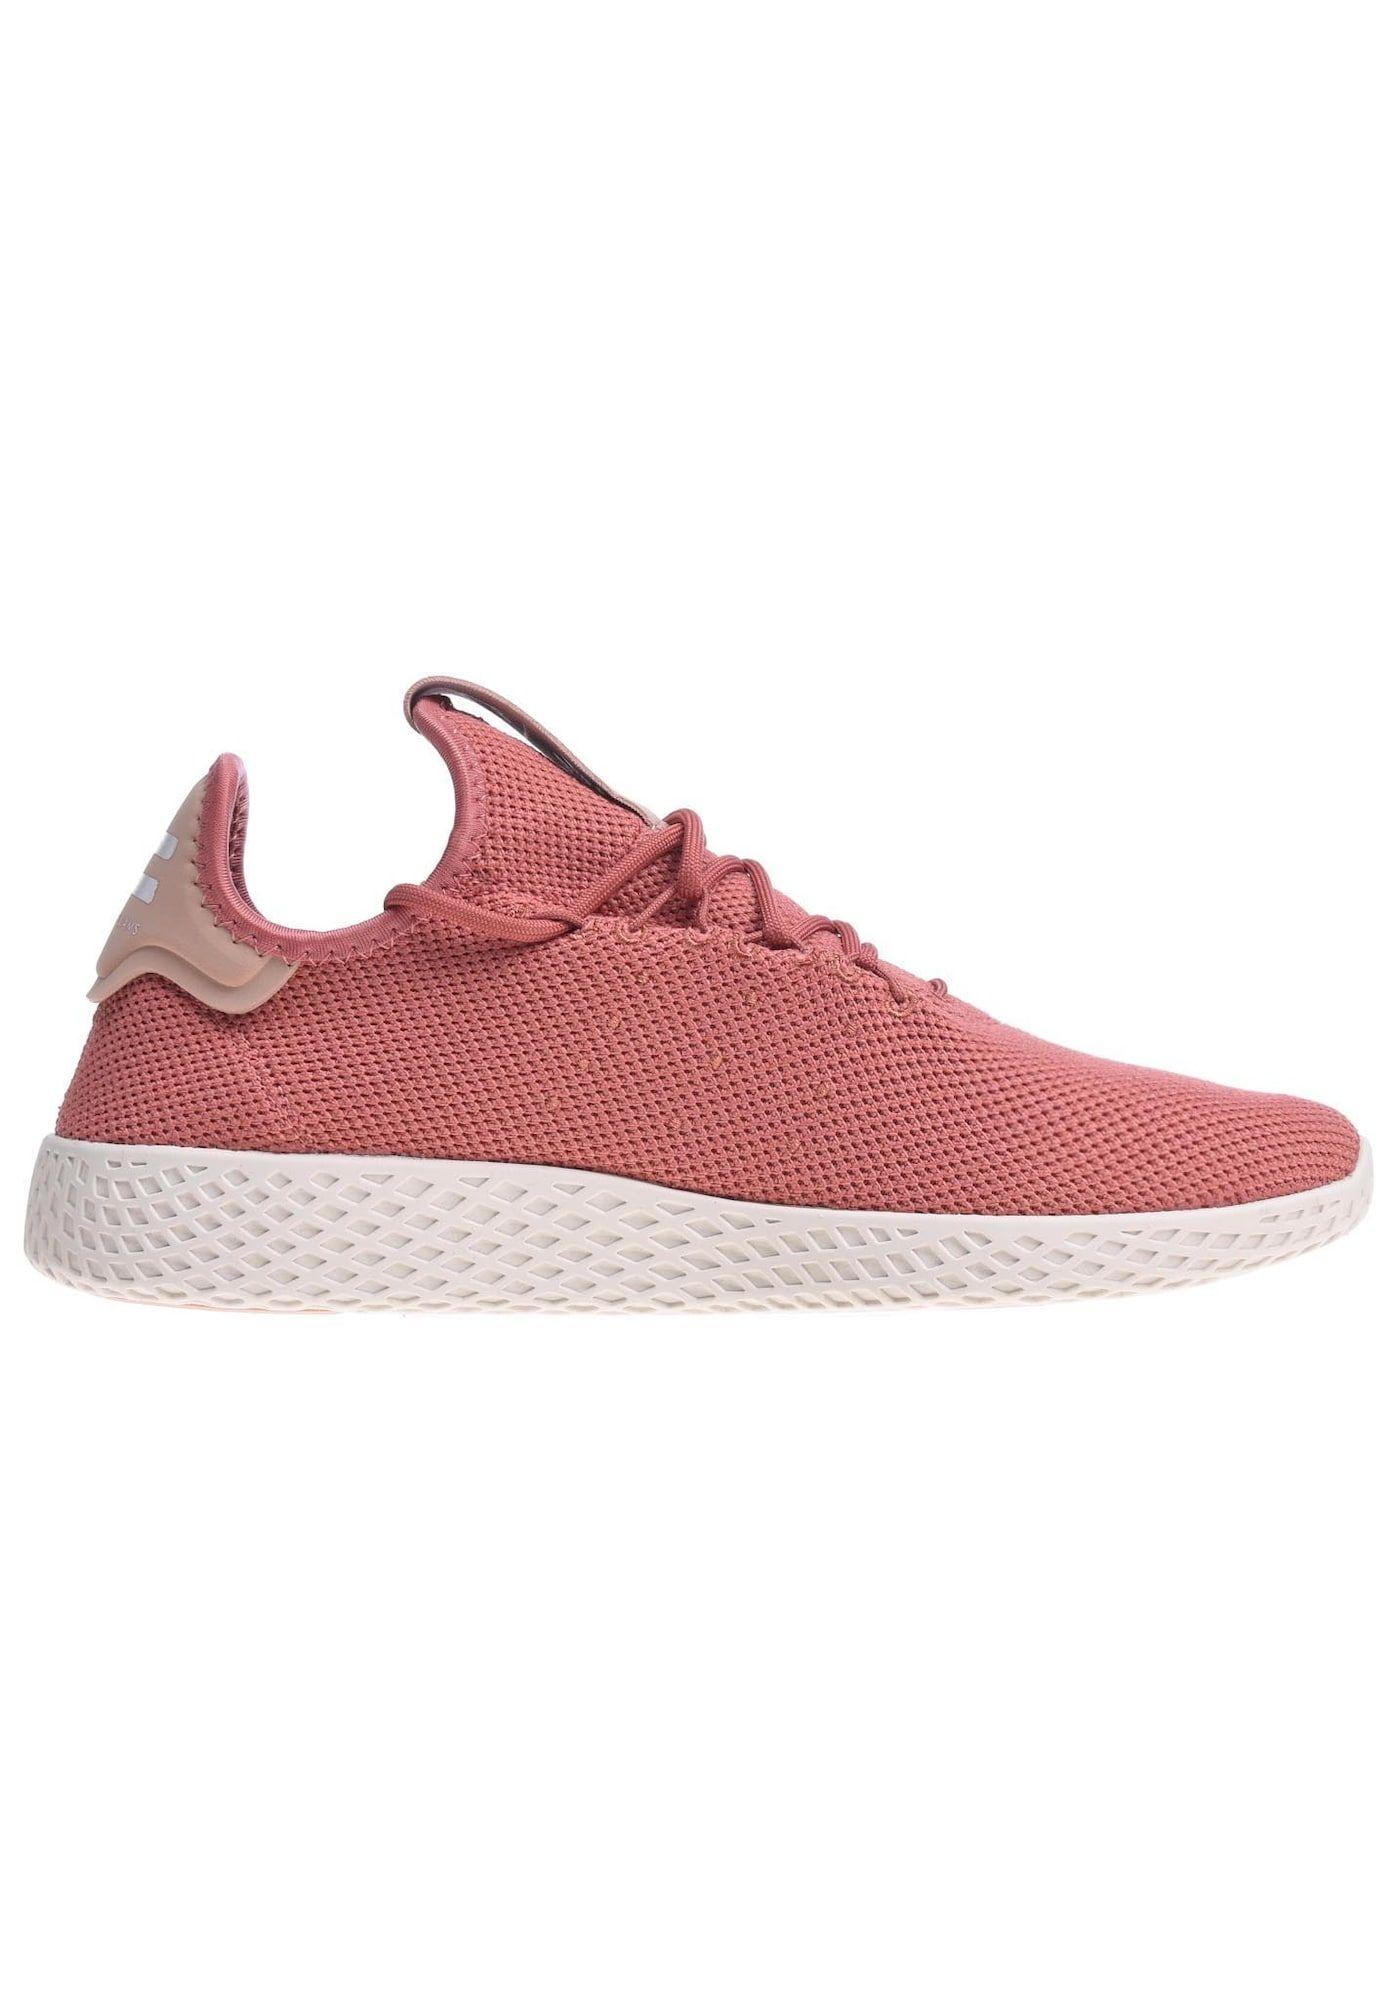 Adidas Originals Sneaker Pharrell Williams Tennis Hu Damen Altrosa Grosse 38 5 39 Adidas Originals Sneaker Williams Tennis Und Pharrell Williams